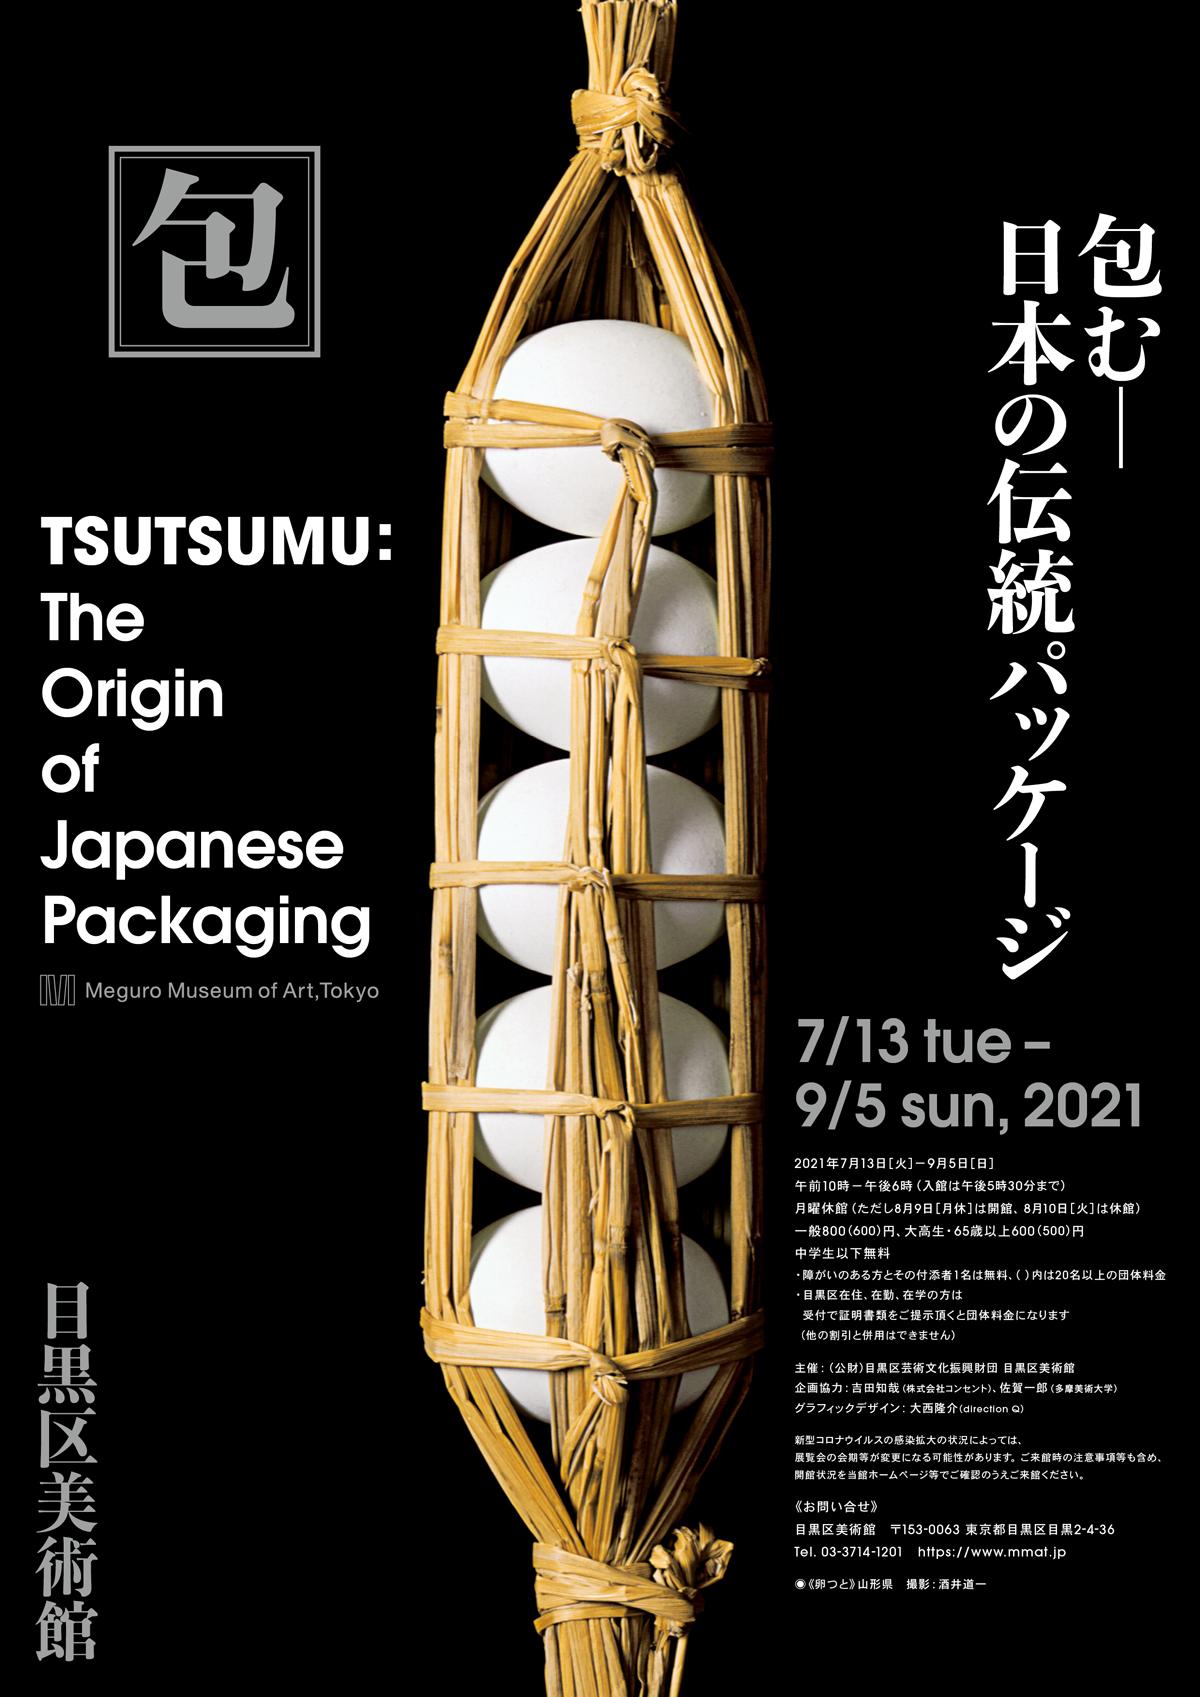 002_tsutsumu_new